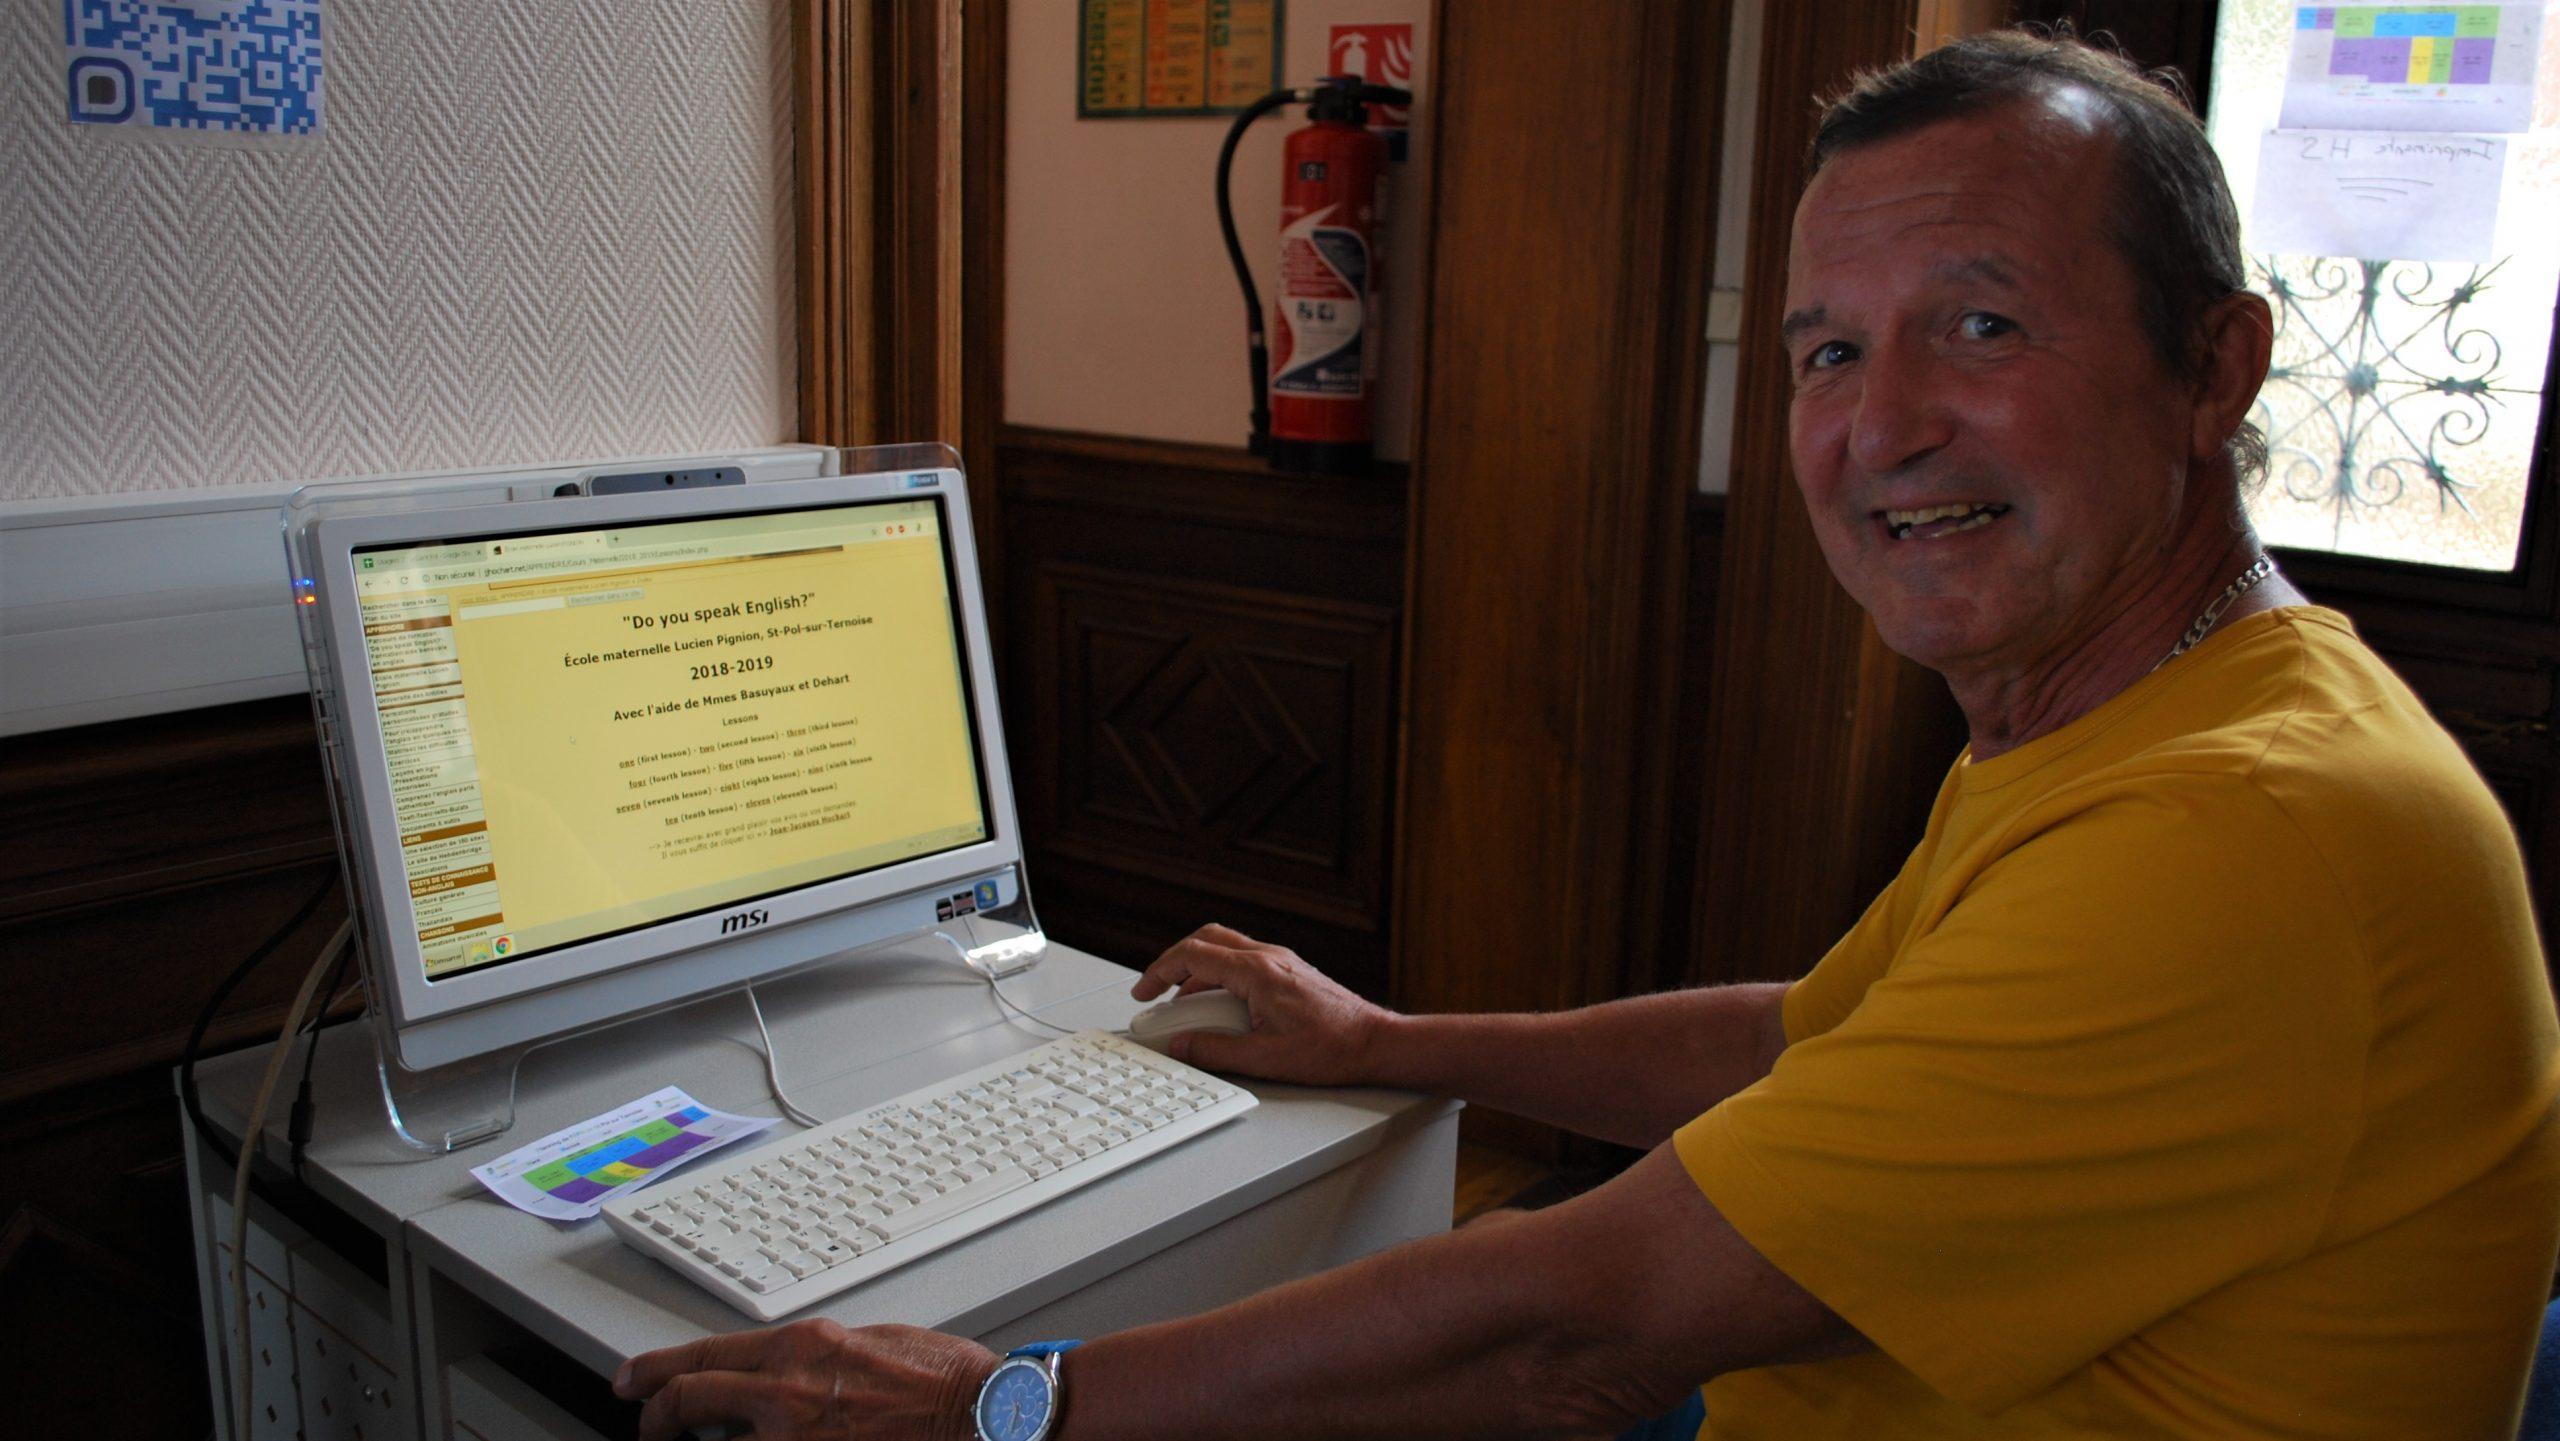 Apprendre ou se perfectionner en anglais avec des cours en ligne et gratuits pour tous